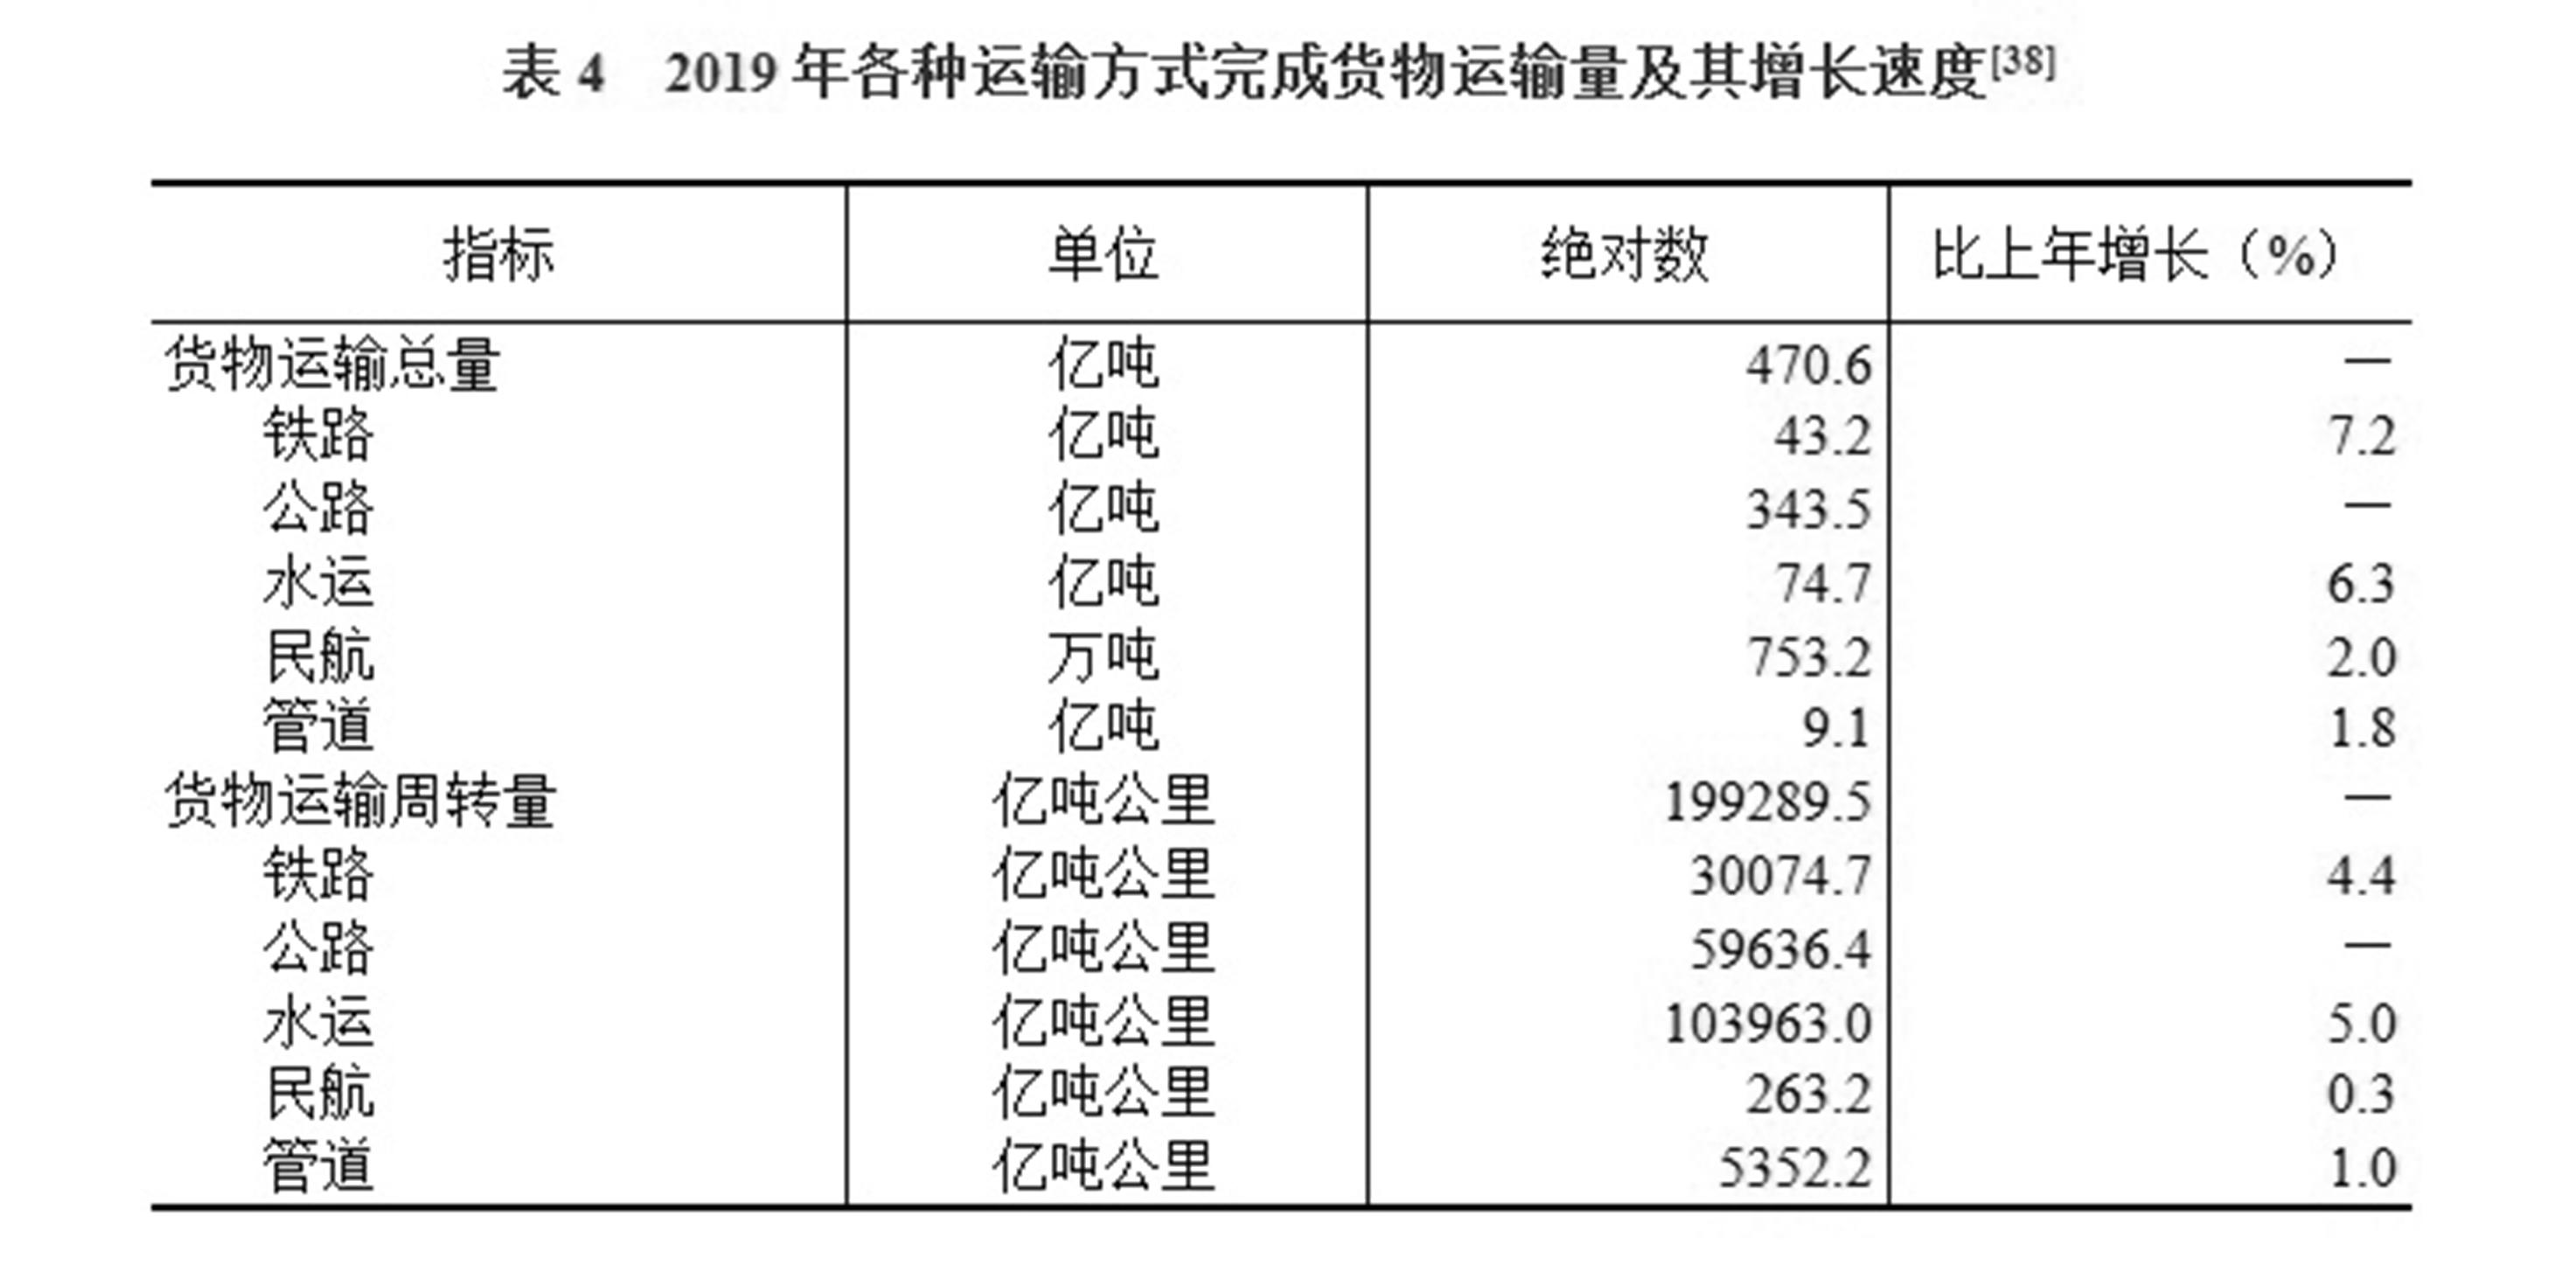 国民经济总量账户体系包括_账户余额图片